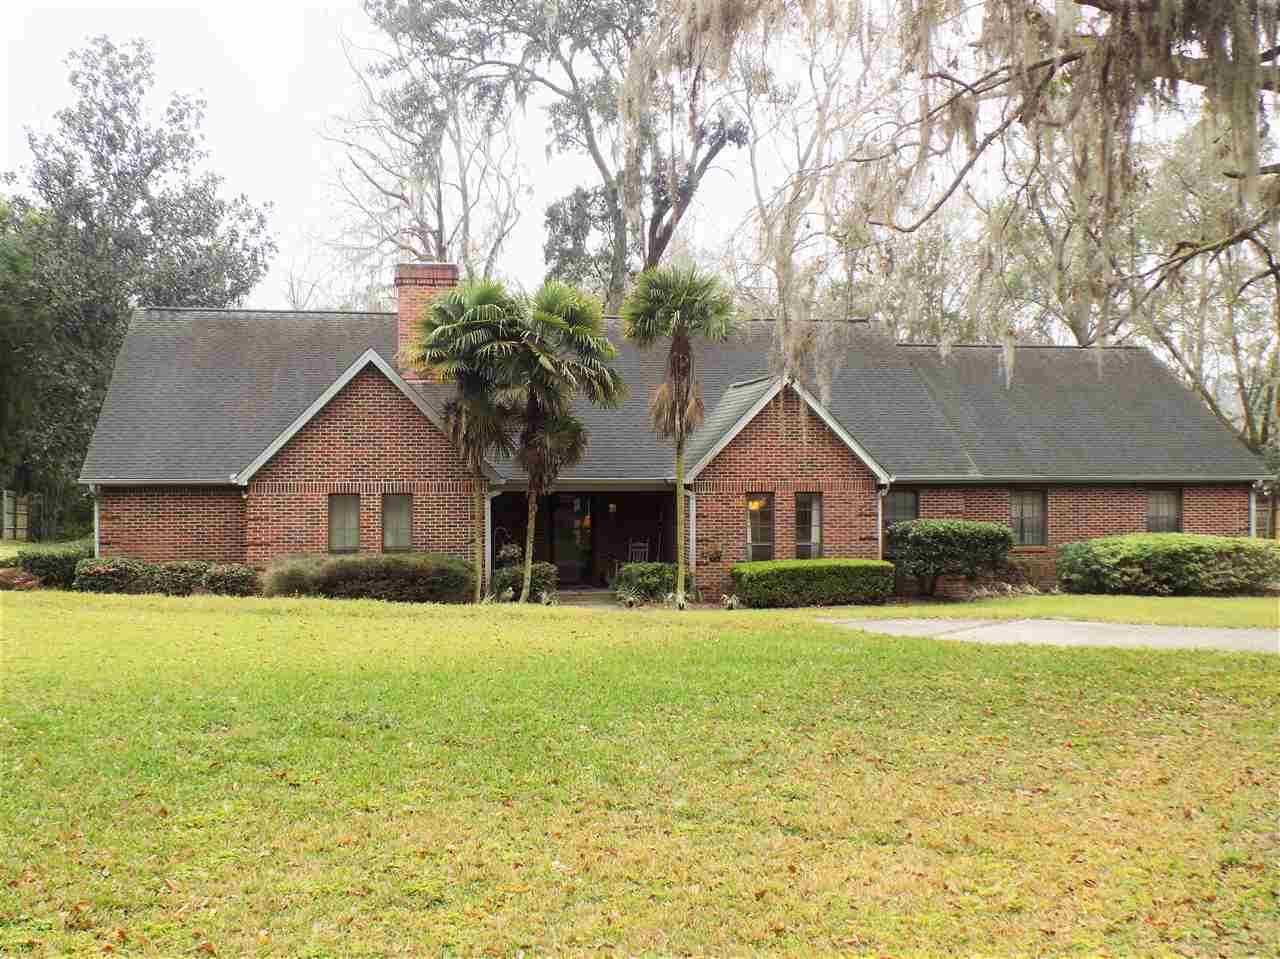 4961 Quail Meadows Rd Tallahassee, FL 32303 in Quail Meadows Unrec Photo 1